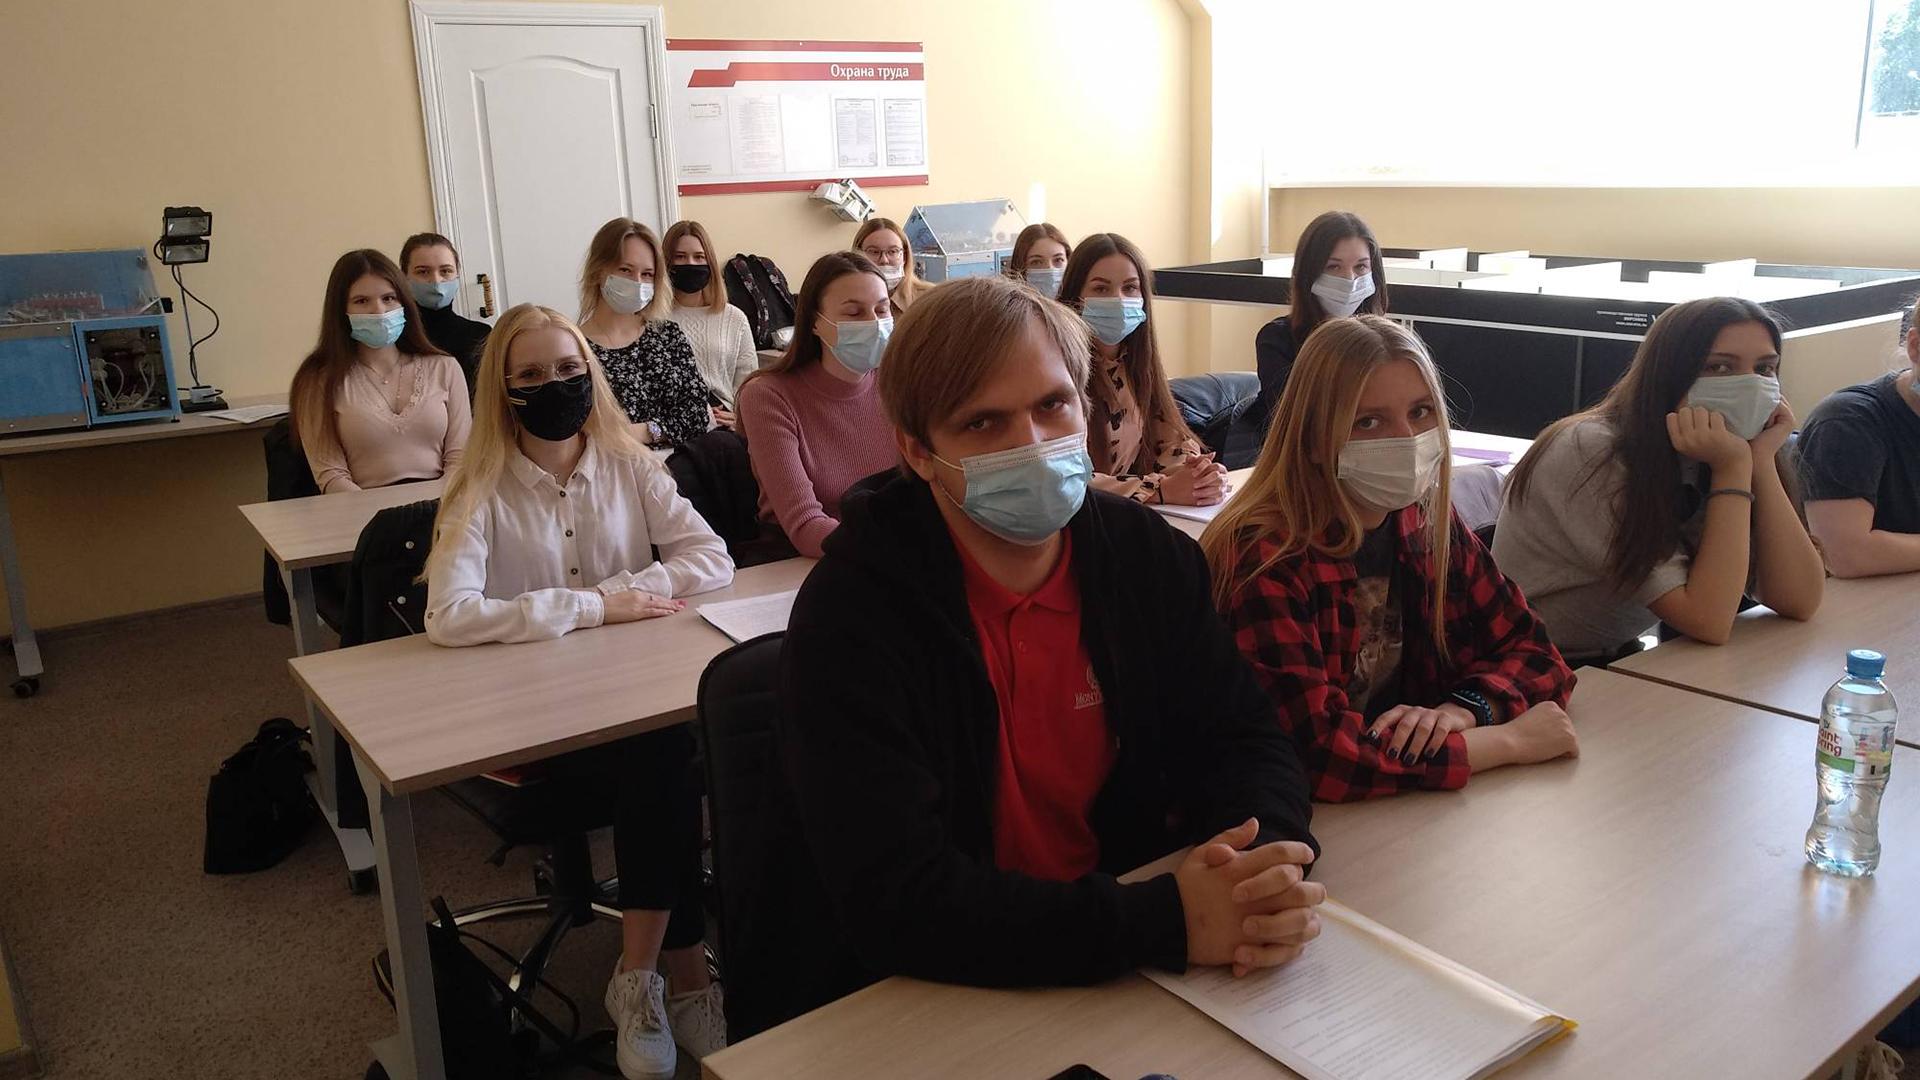 Центр детского творчества Автозаводского района и кафедра технологий сервиса и технологического образования Мининского университета провели семинар для педагогов дополнительного образования и студентов